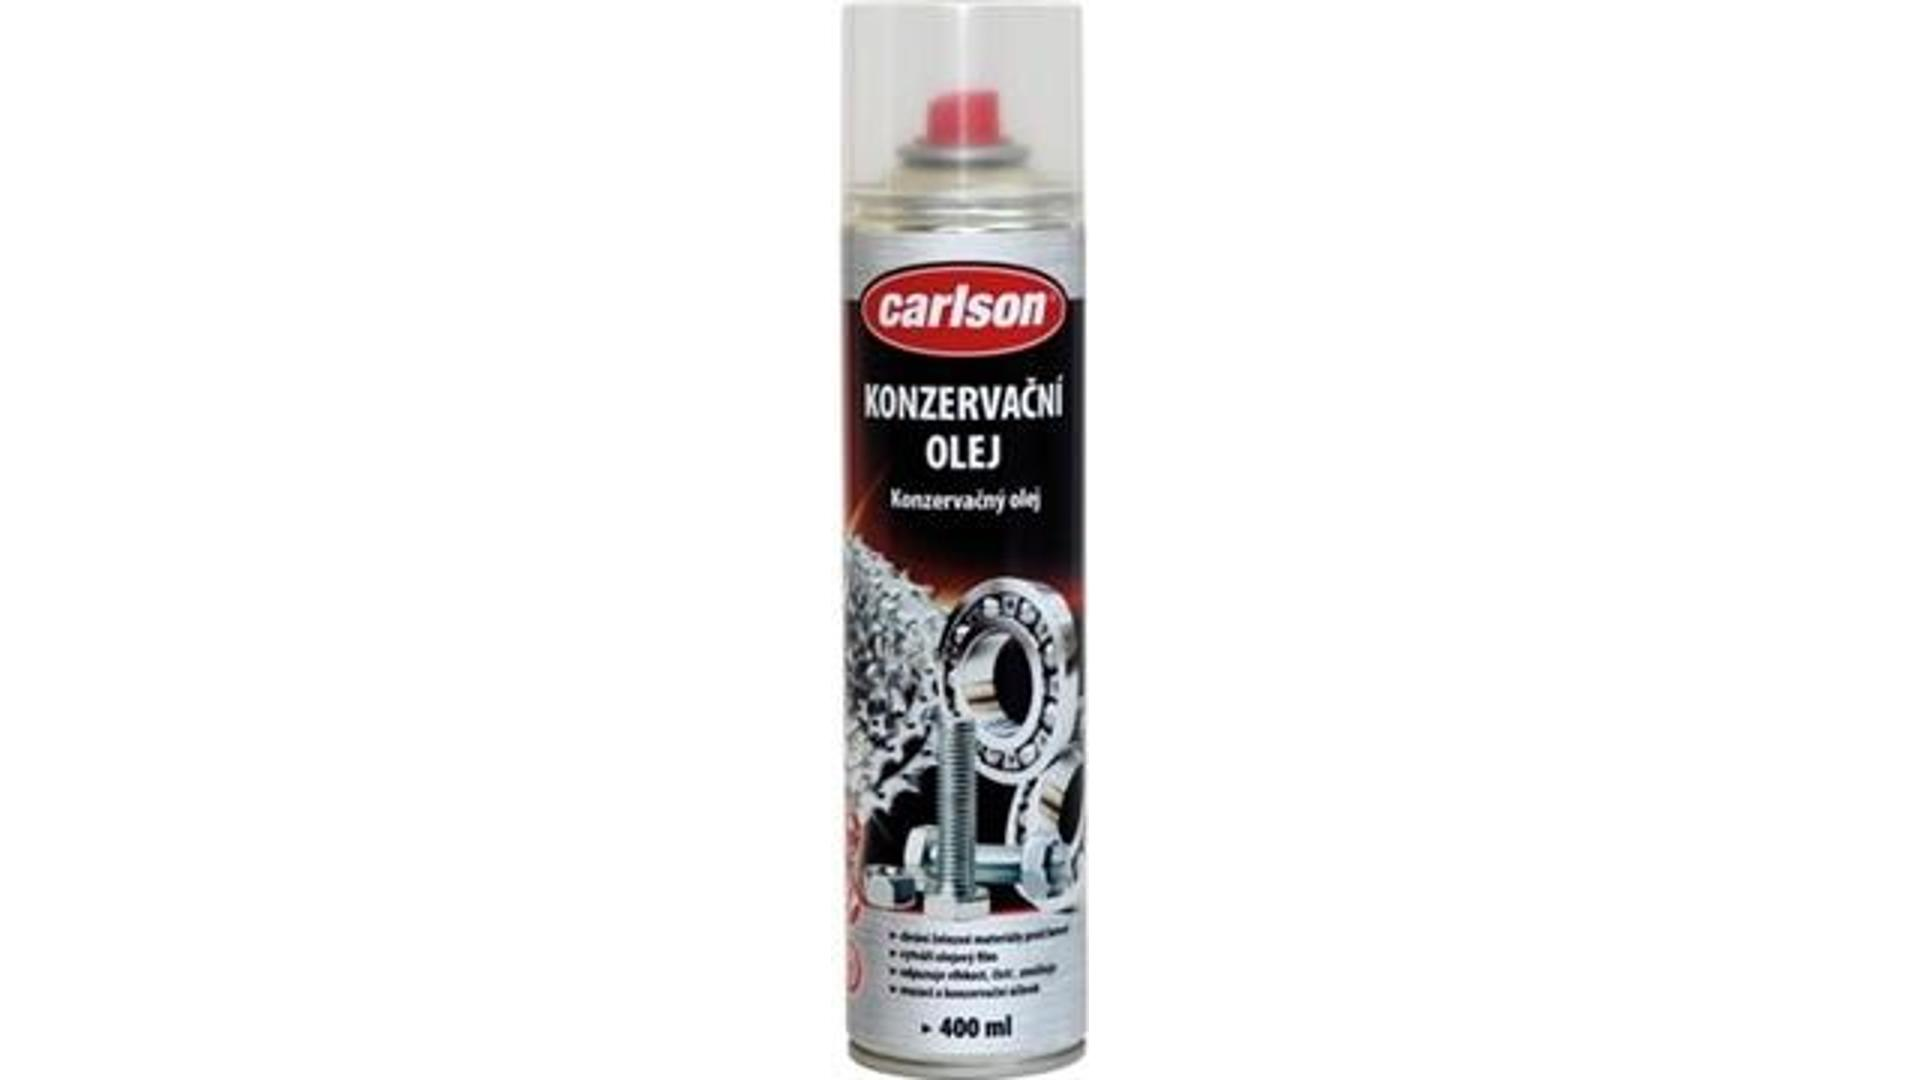 CARLSON konzervačnej olej 400ml - aerosol